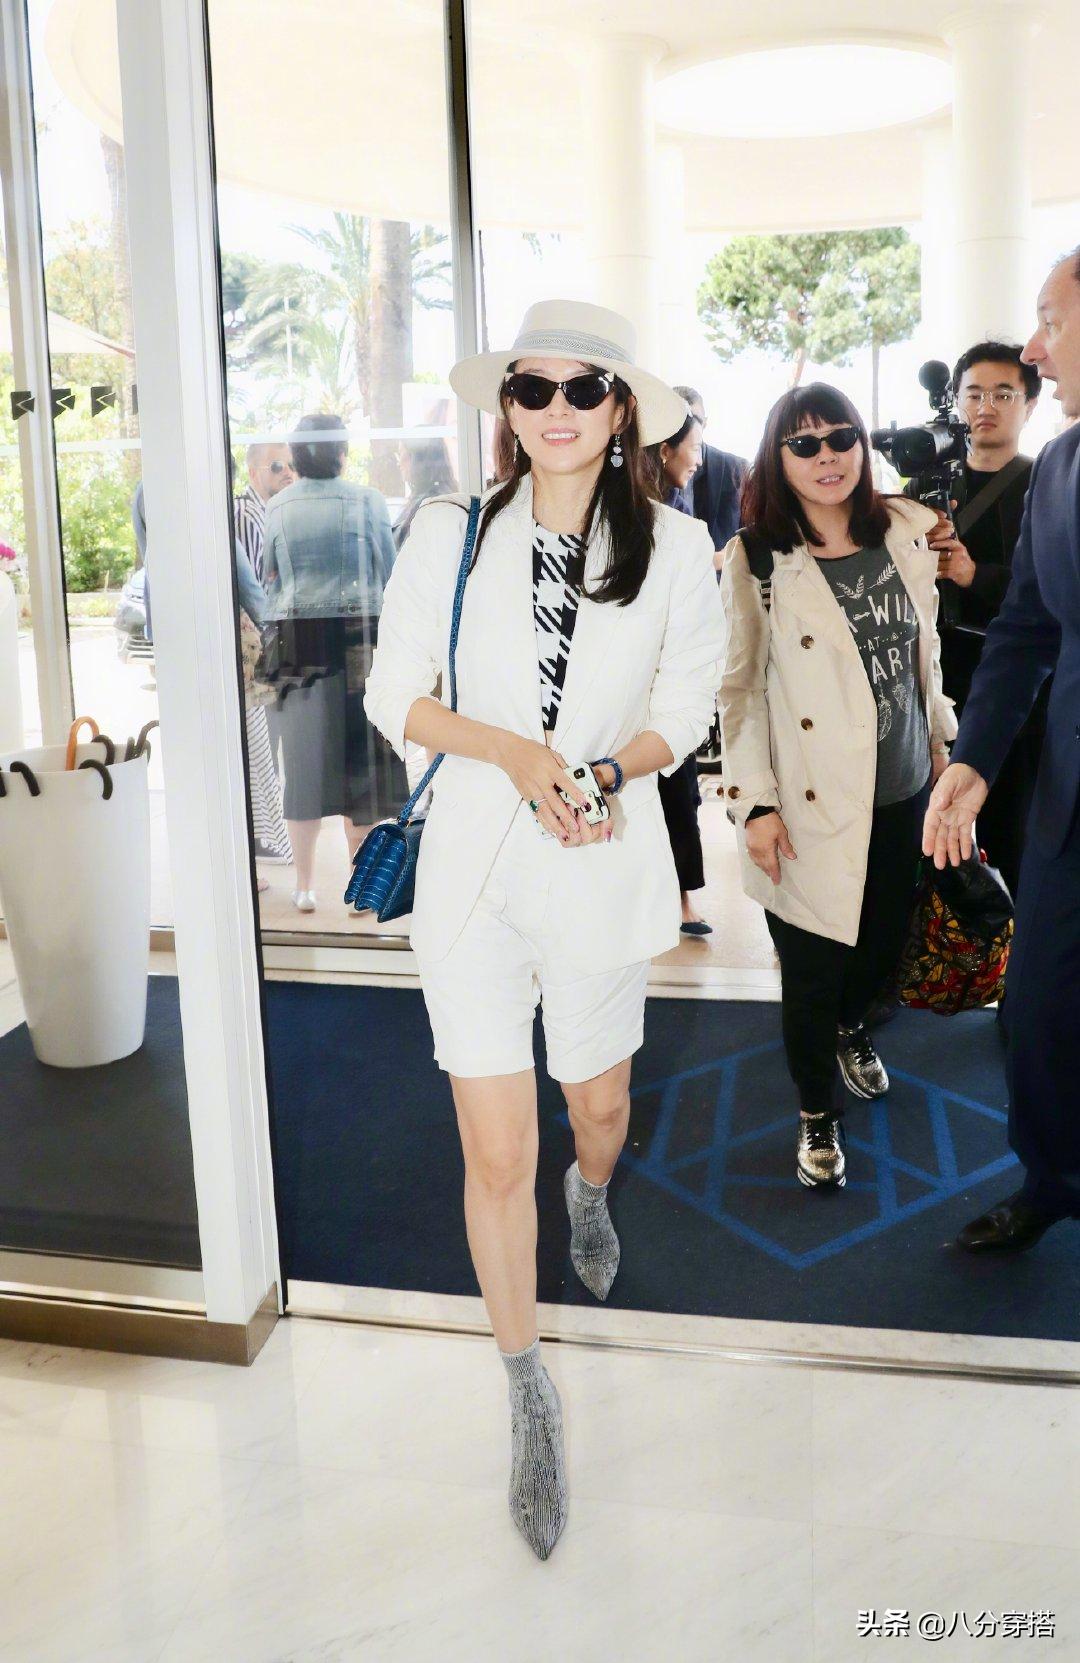 章子怡到了国外特别时髦,穿白色西装配短裤,戴上帽子更有国际范